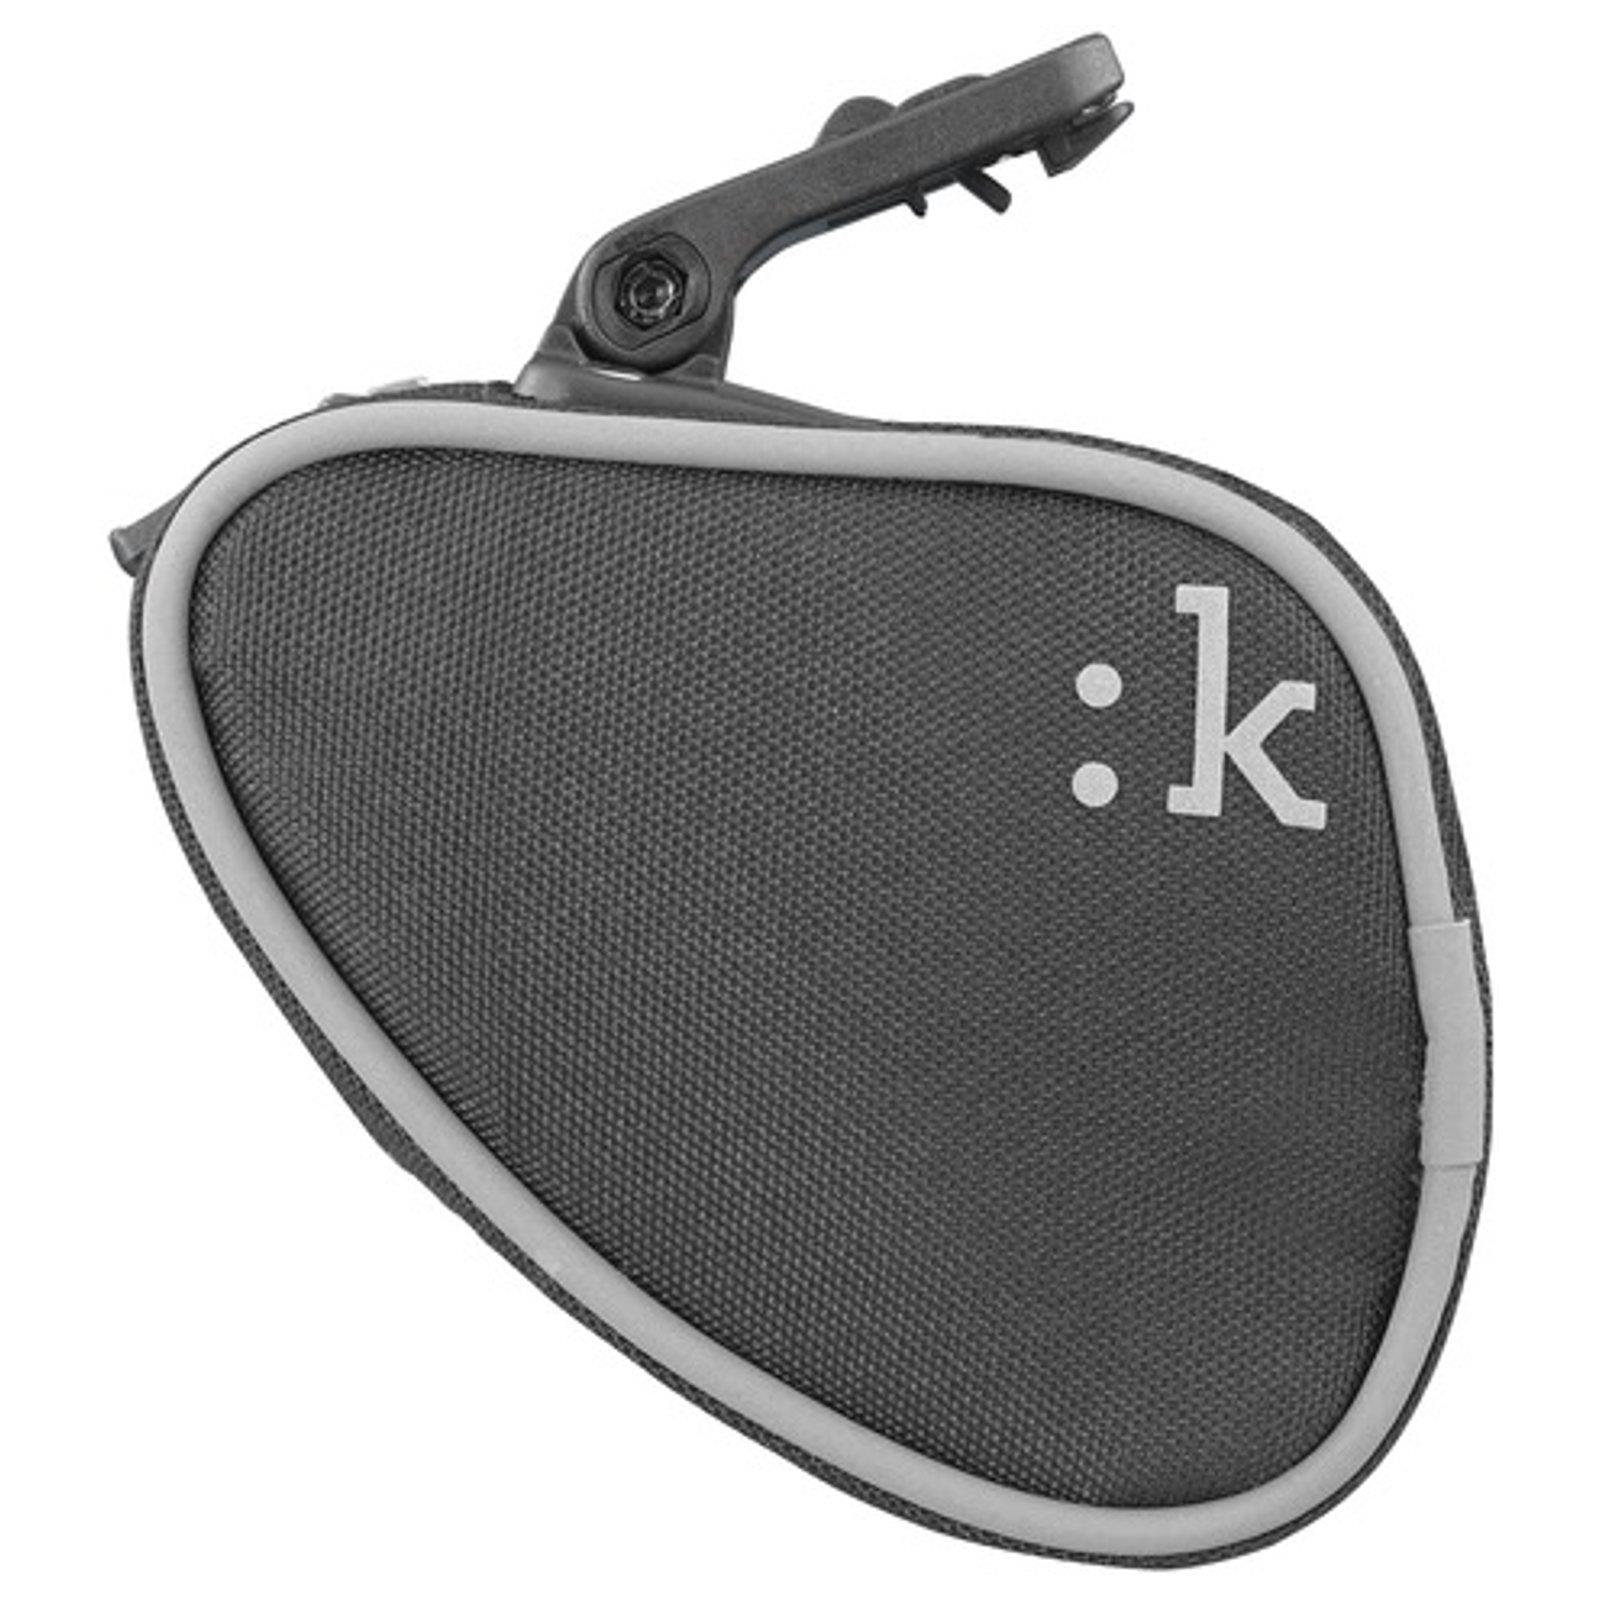 FIZIK vélo selle sac système CLI: K ICS système sac Cordura Click noir réfléchissant 5280b9